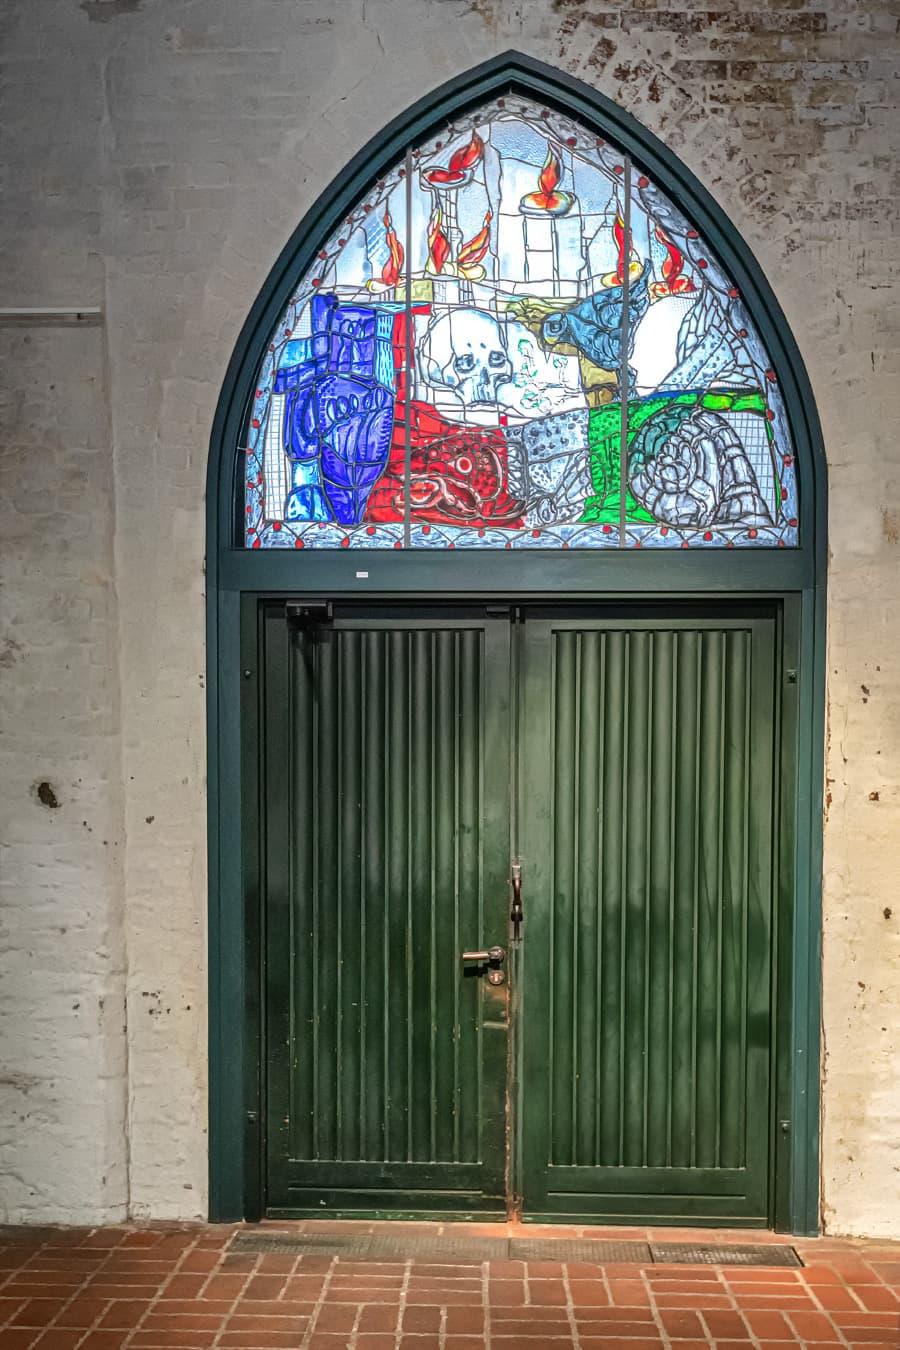 Glasmalerei von Markus Lüpertz Tympanonfenster (2002)